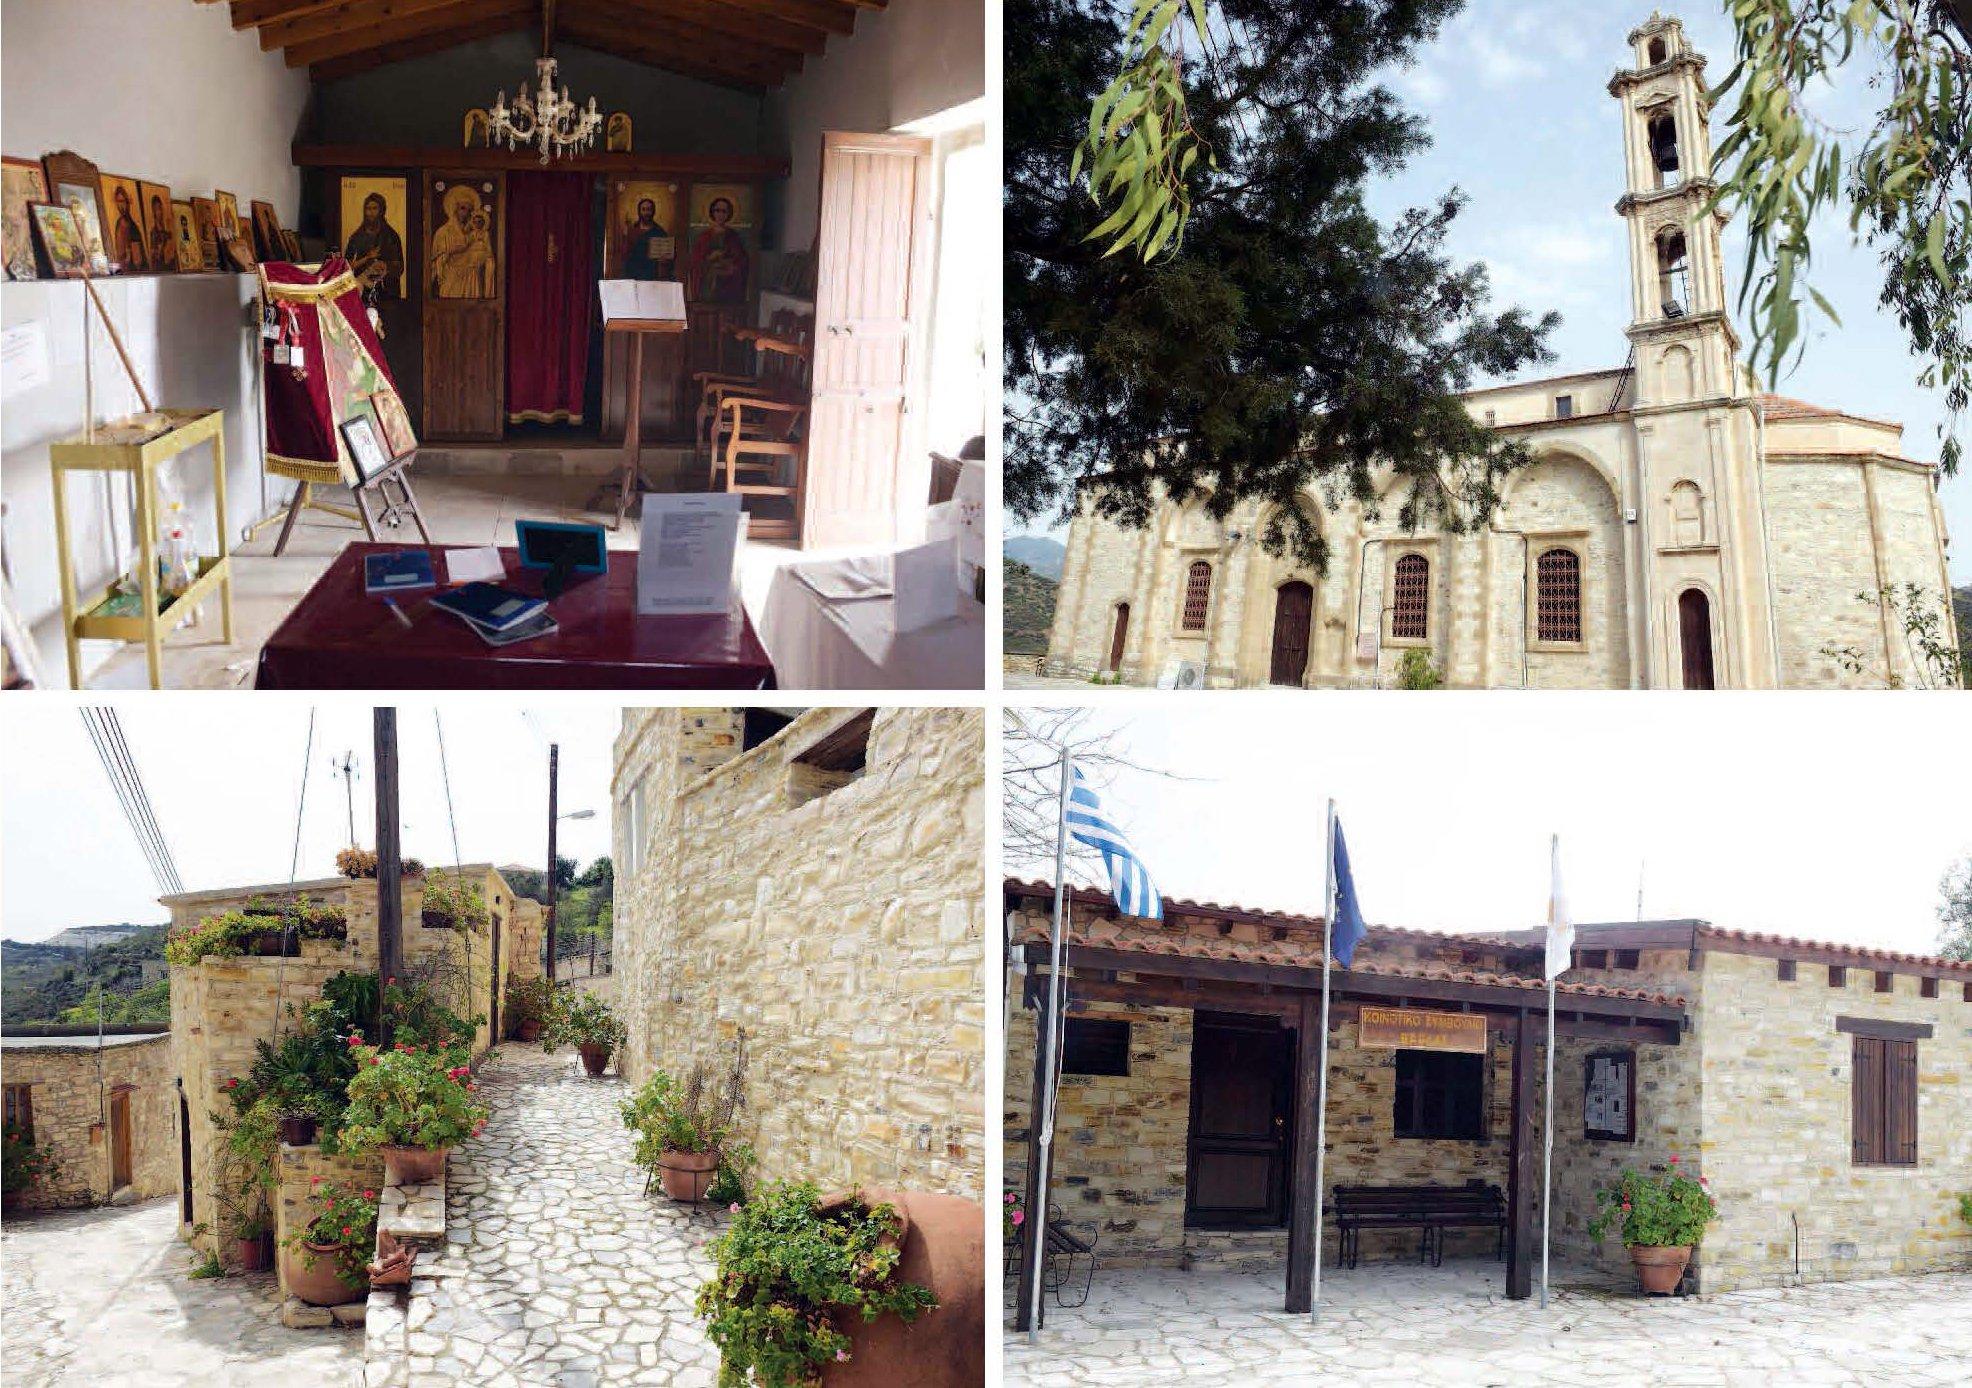 Πάμε μια εκδρομή στο ορεινό χωριό της επαρχίας Λάρνακας τη Βάβλα (φωτογραφίες)